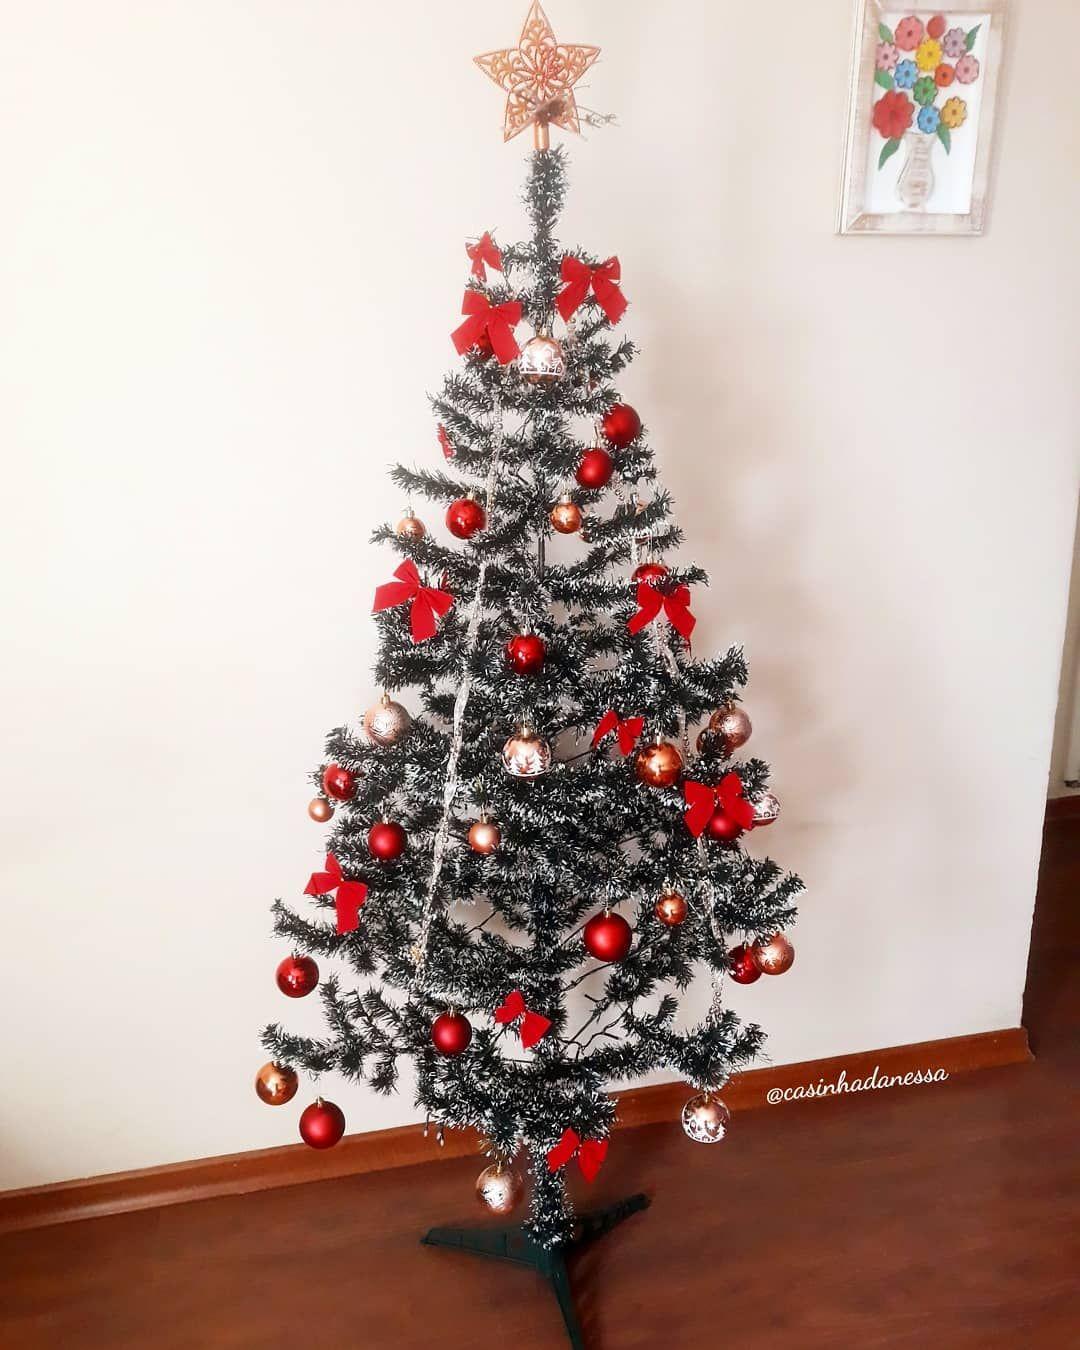 Arvore De Natal Casinhadanessa Climinha Natalino Chegou